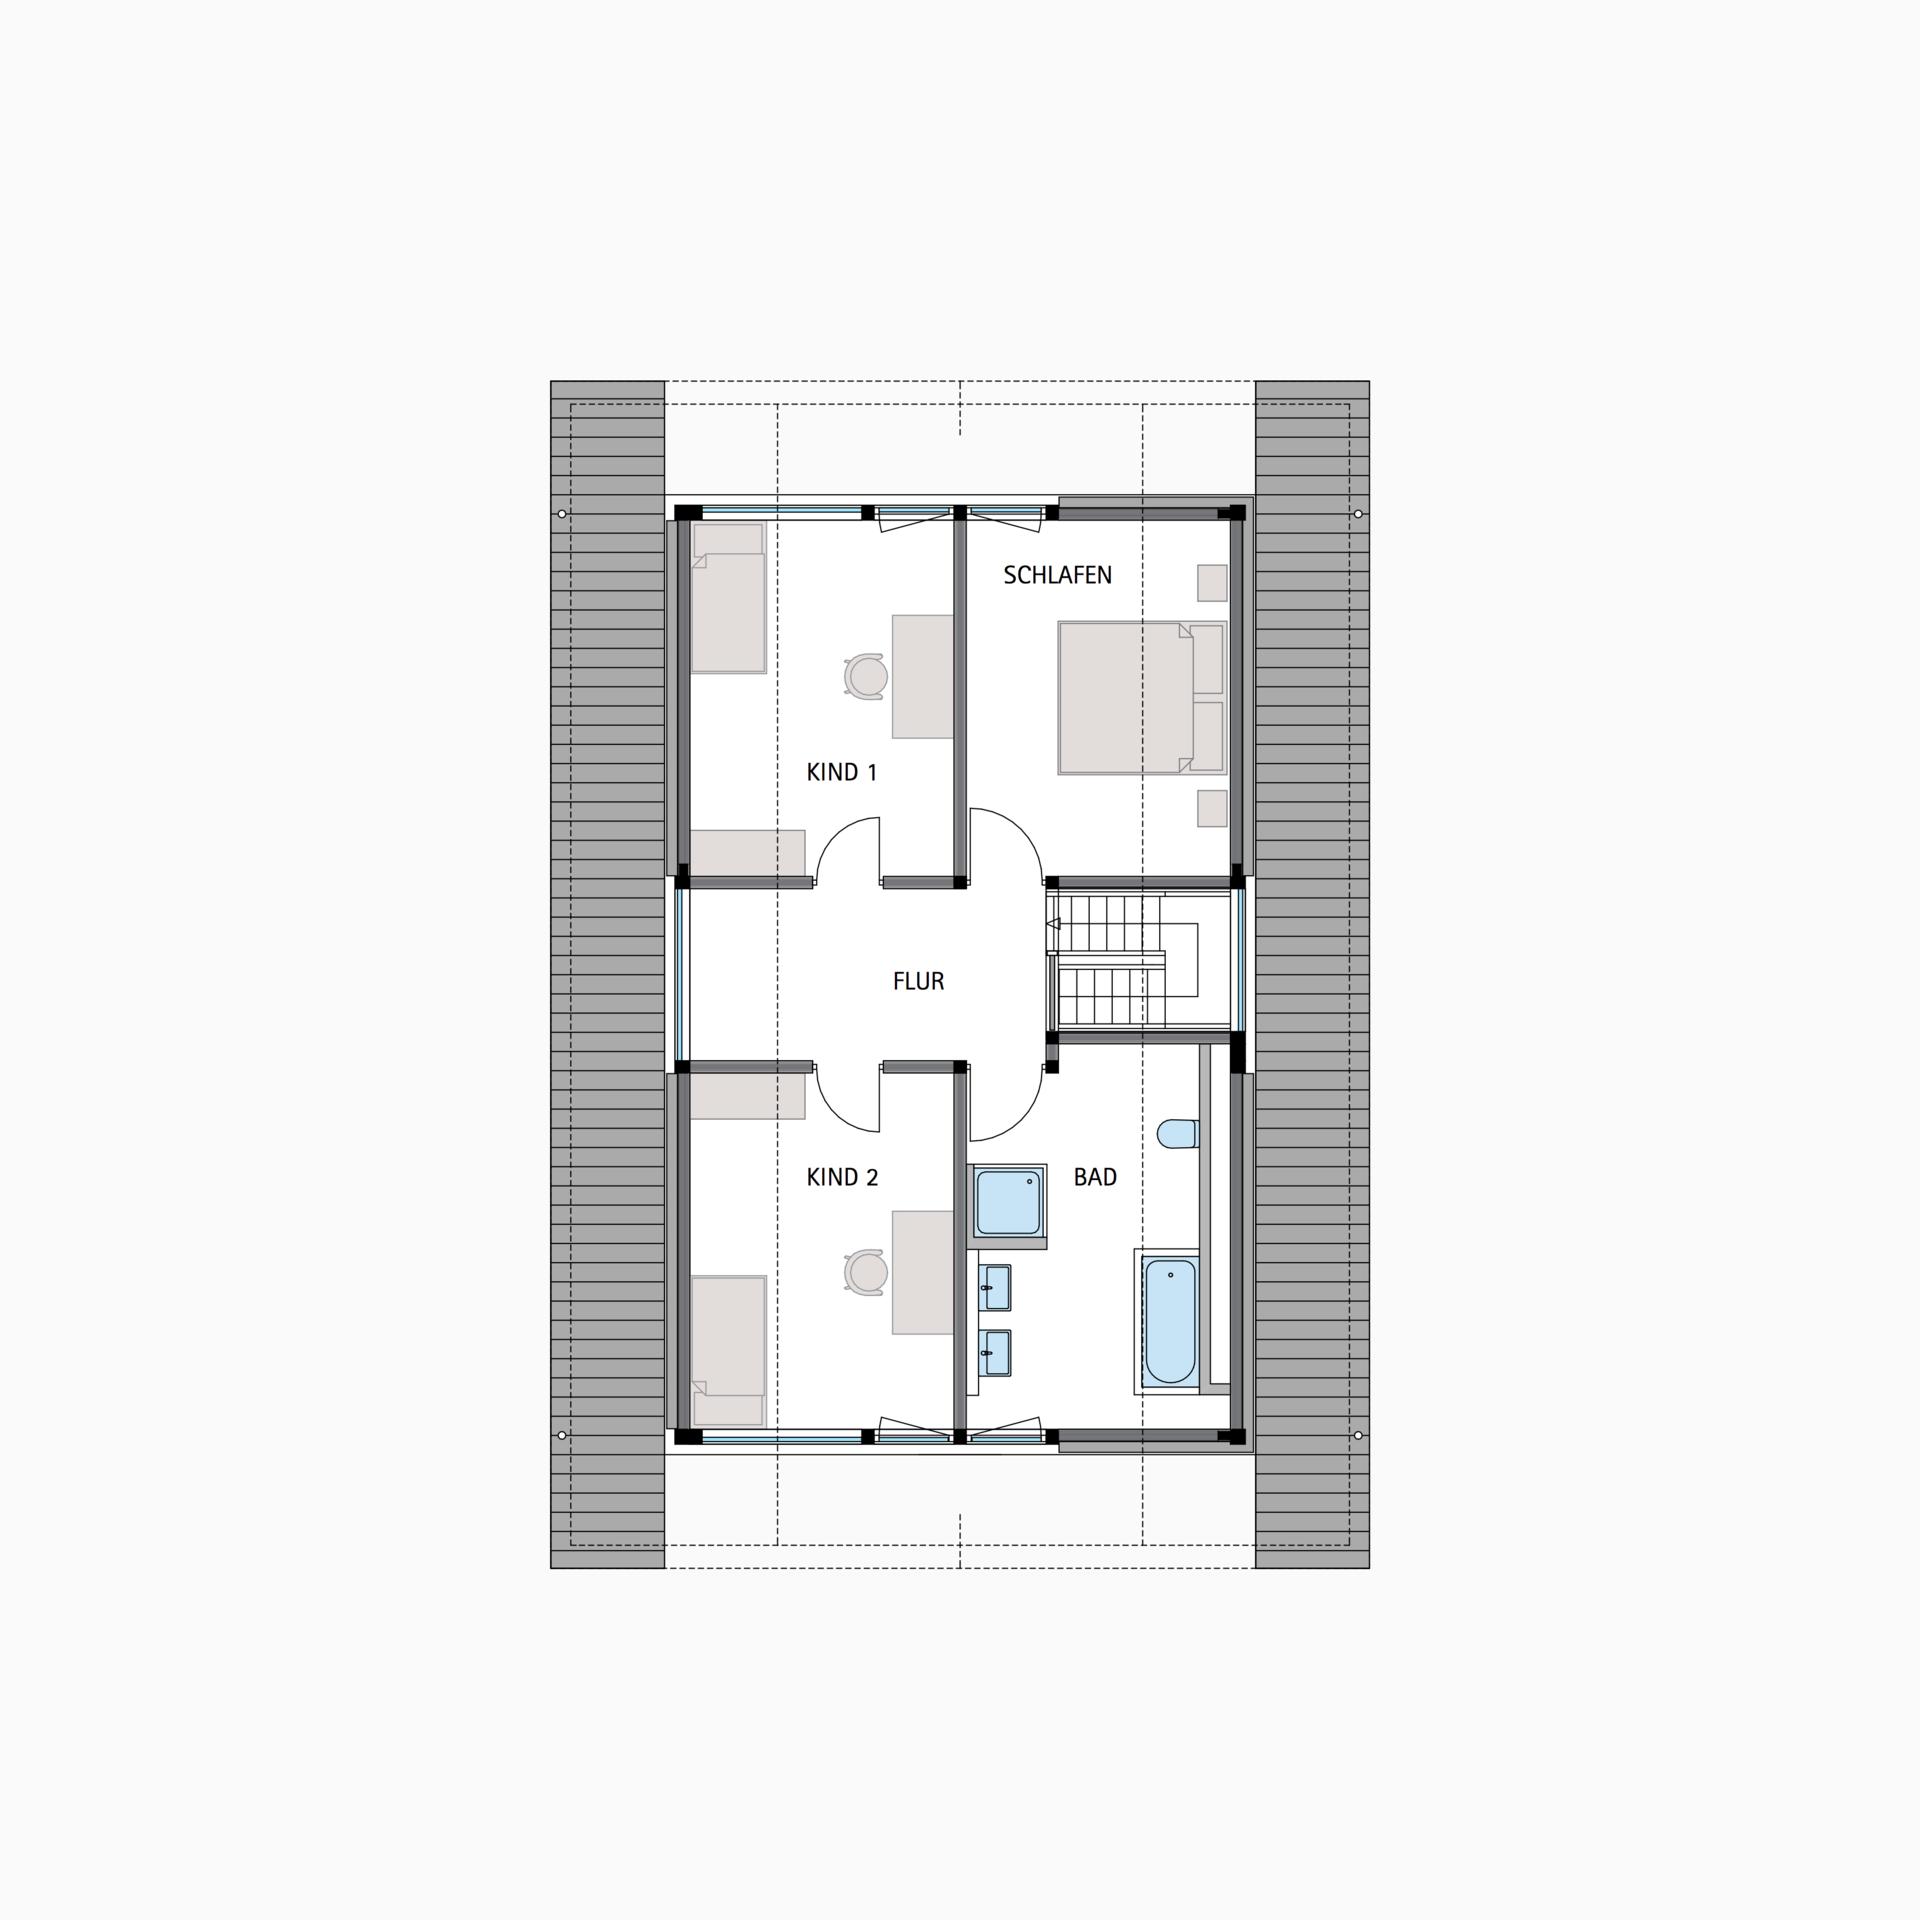 HUF Fachwerkhaus Grundriss Dachgeschoss MODUM 610 Haus